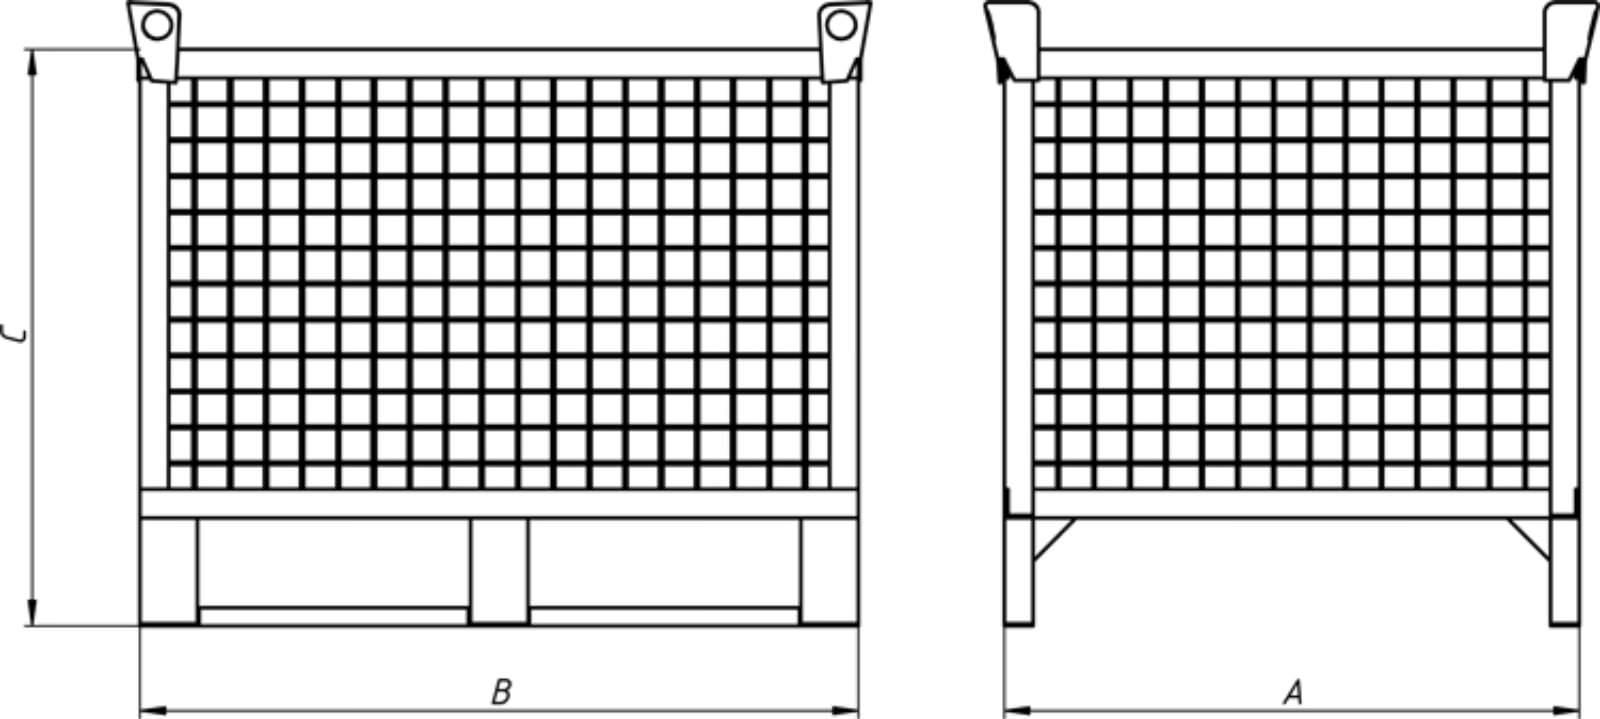 Контейнер цельносварной для складирования КС-2, фото 2